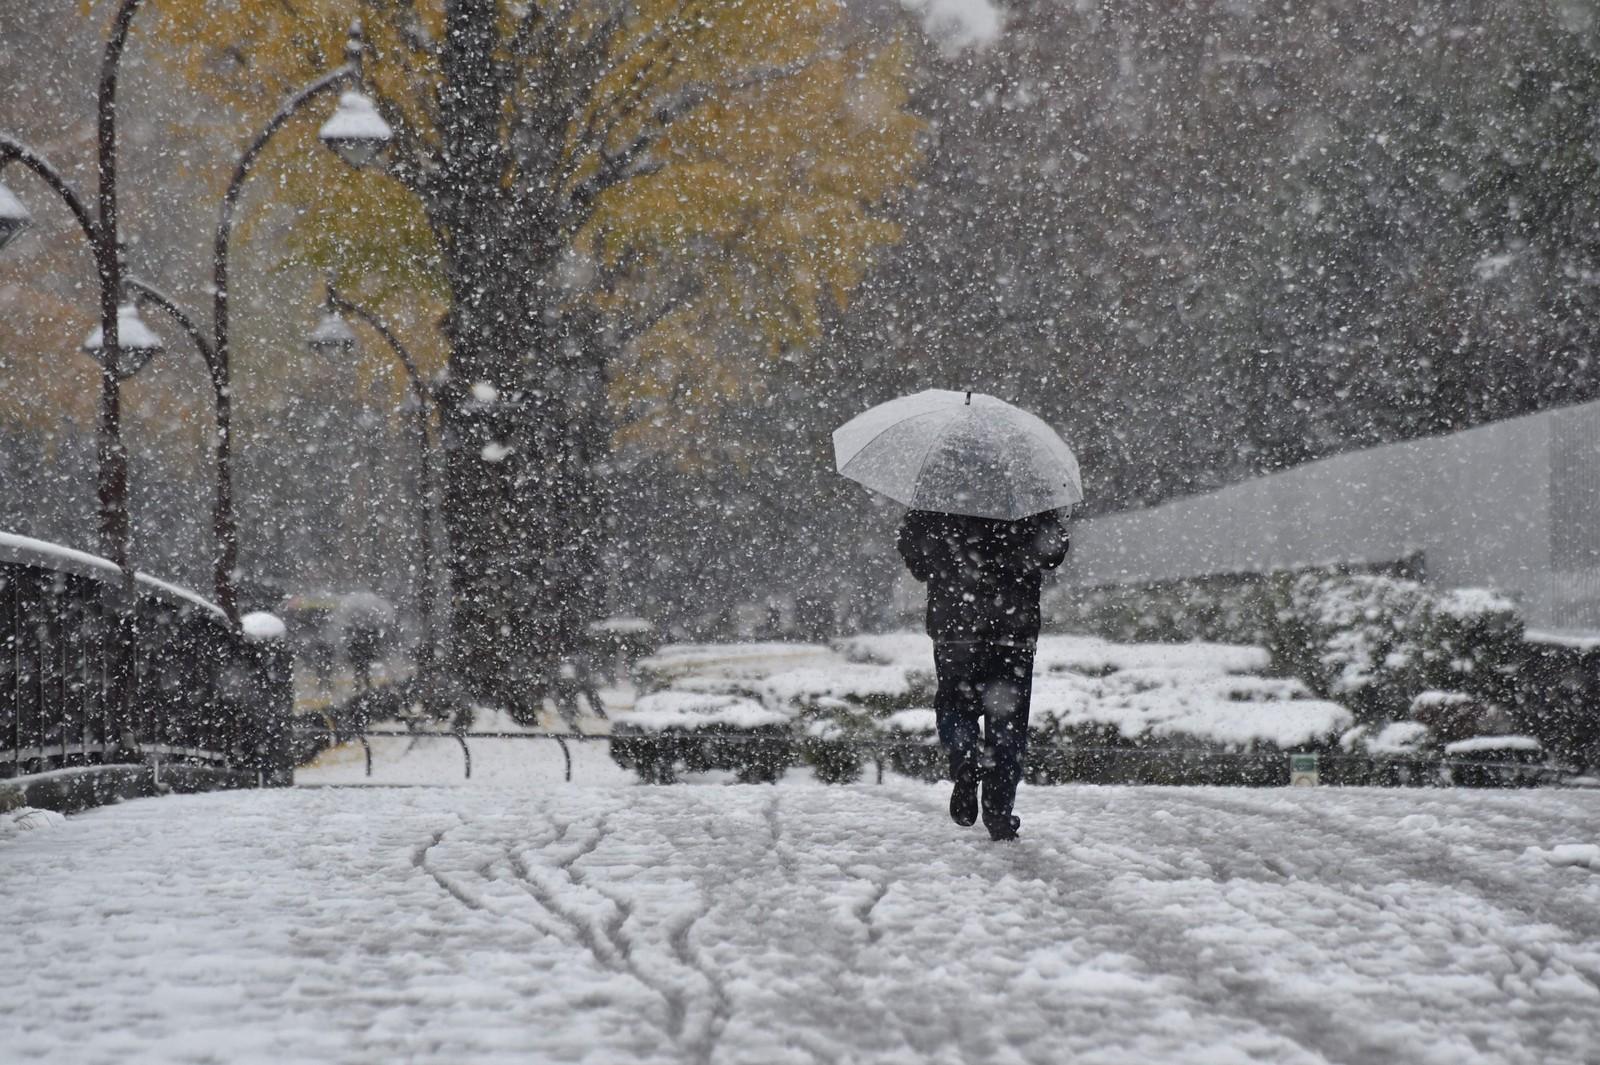 Det er venta 2 centimeter med snø i løpet av ettermiddagen.